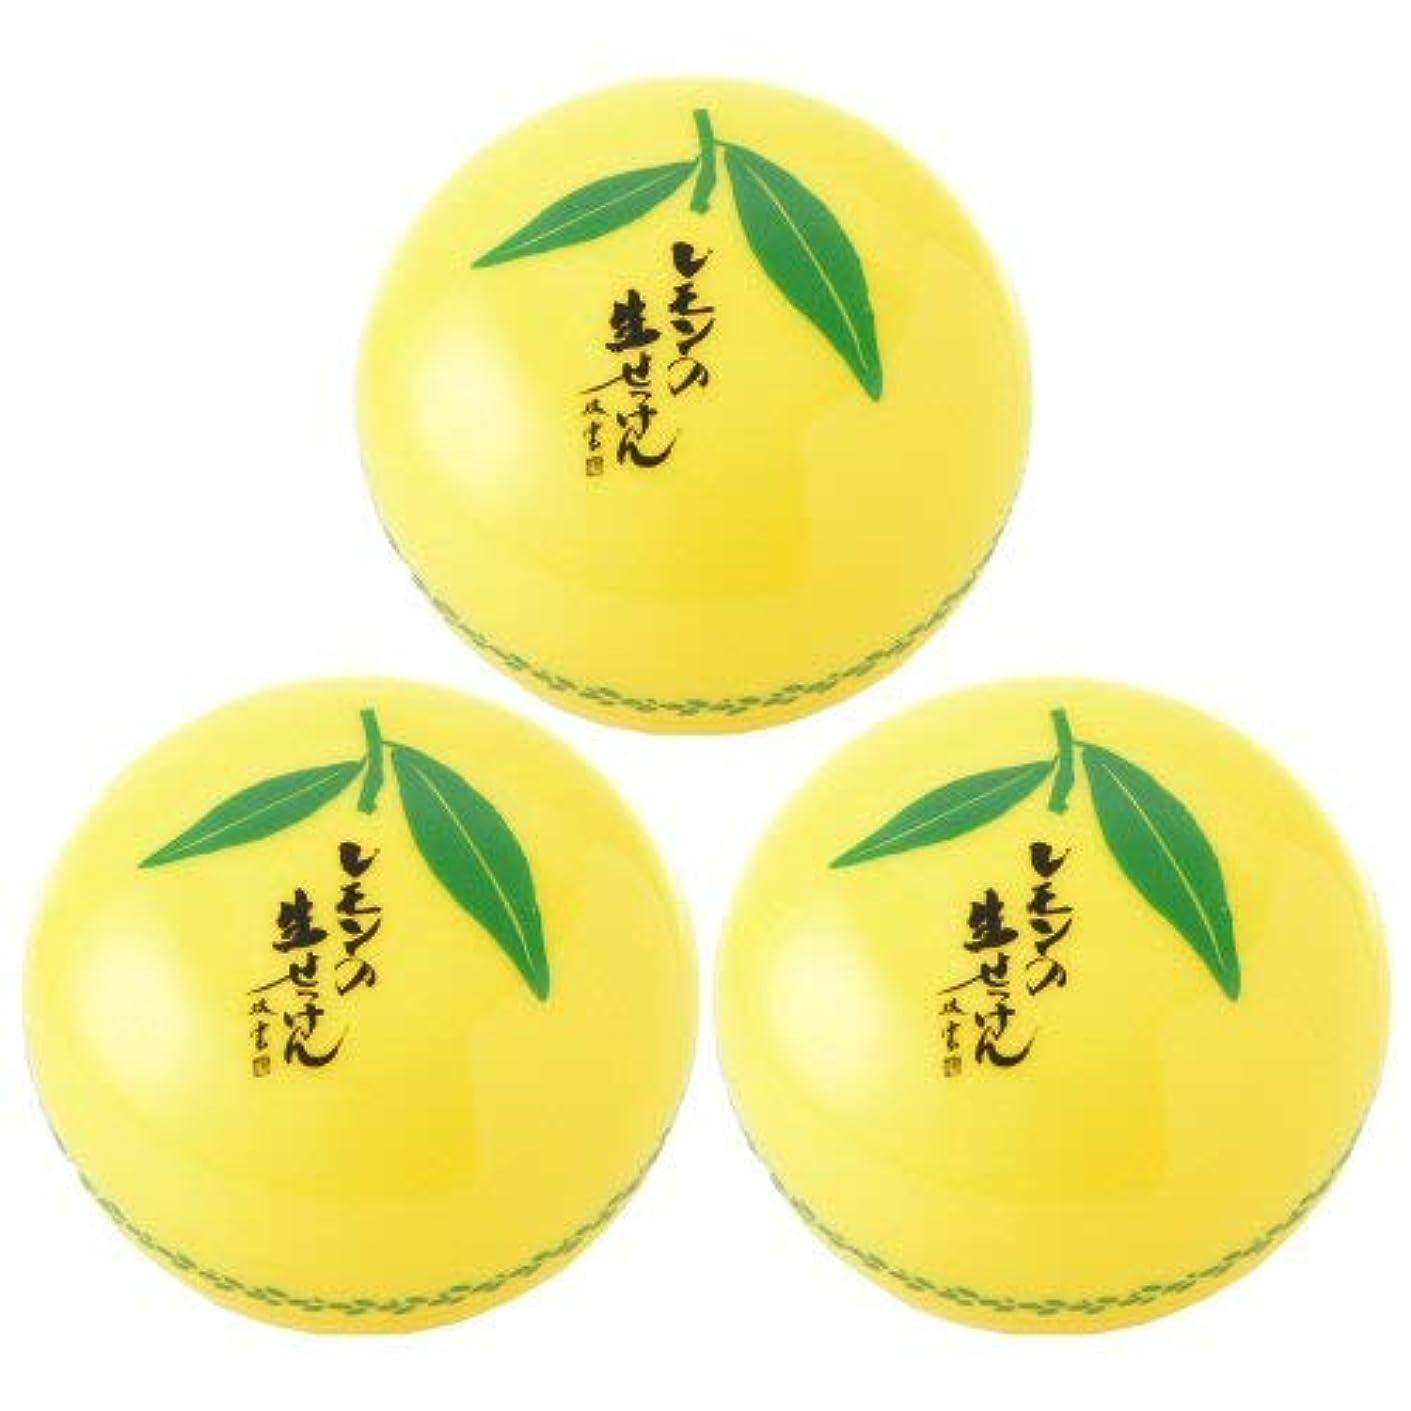 洗剤グラマー性交UYEKI美香柑レモンの生せっけん120g×3個セット